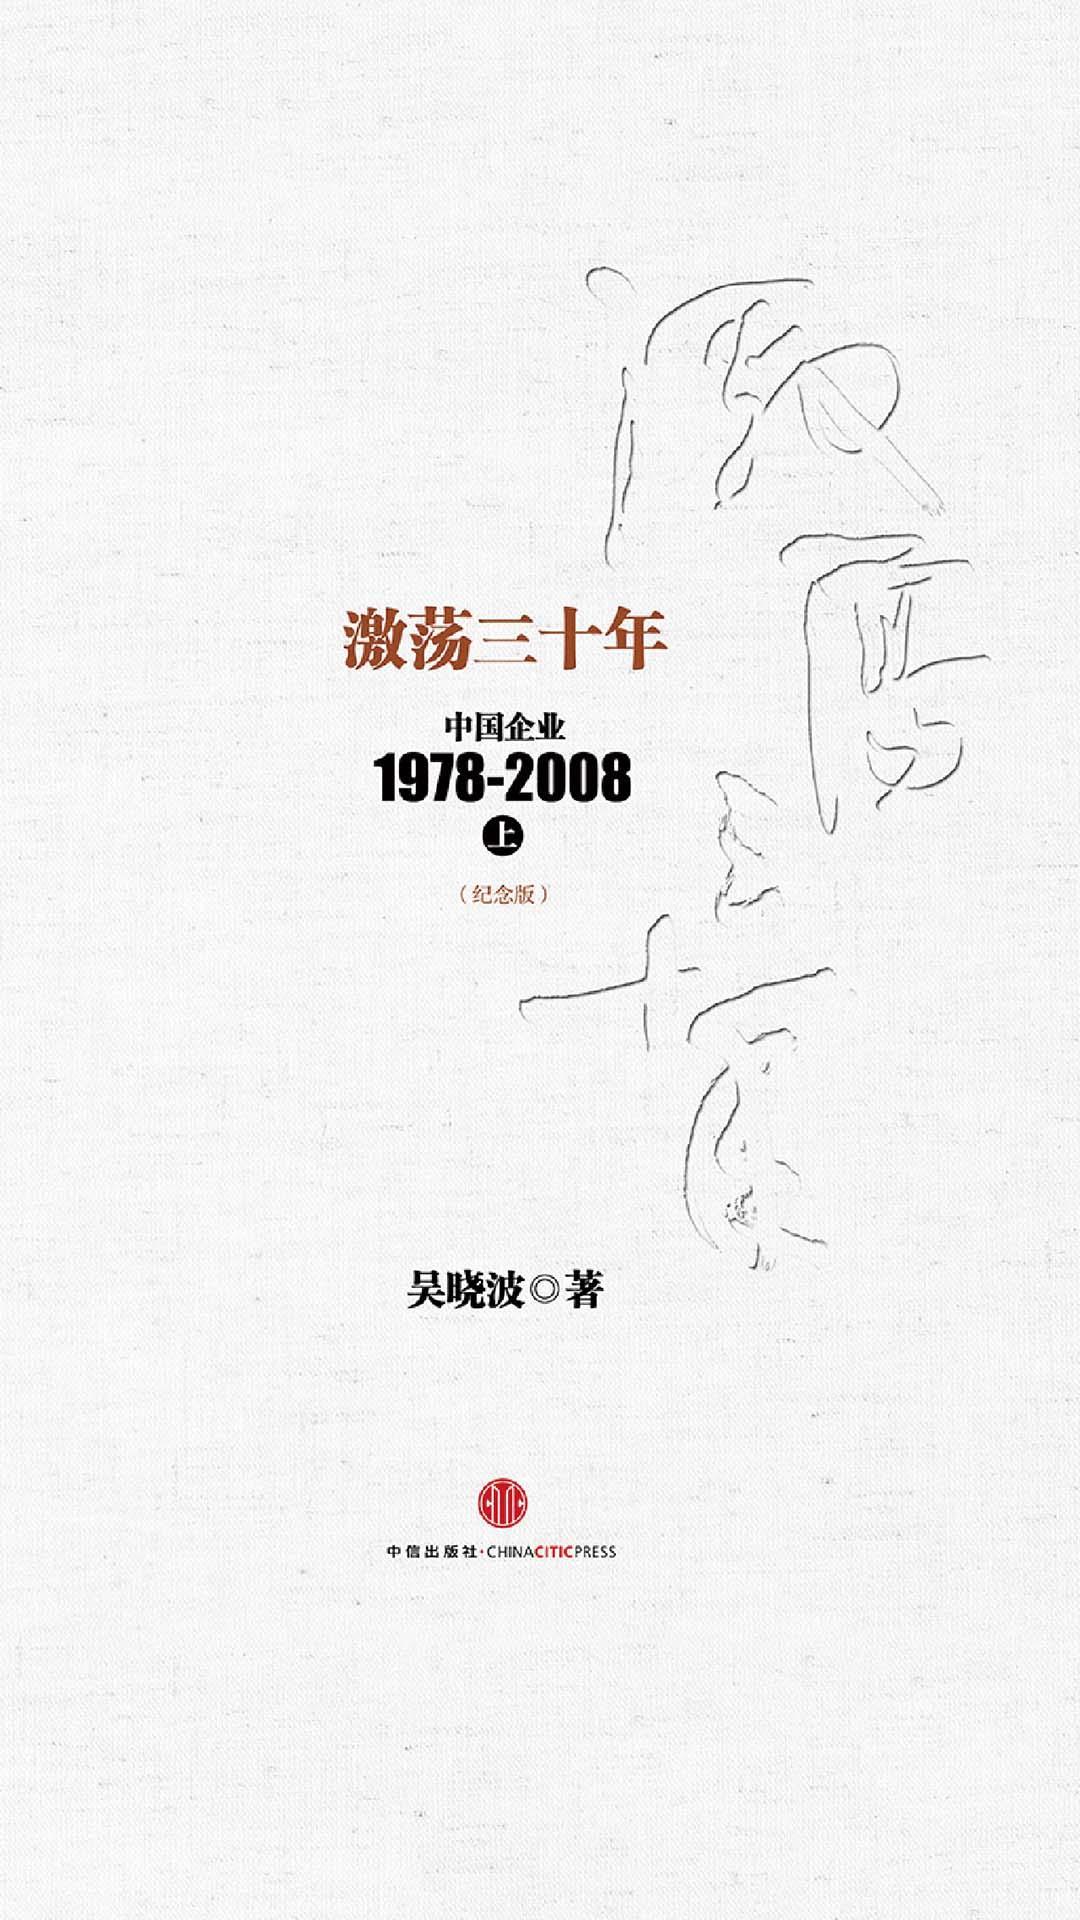 当当阅读器 - 激荡三十年:中国企业1978~2008(纪念版)